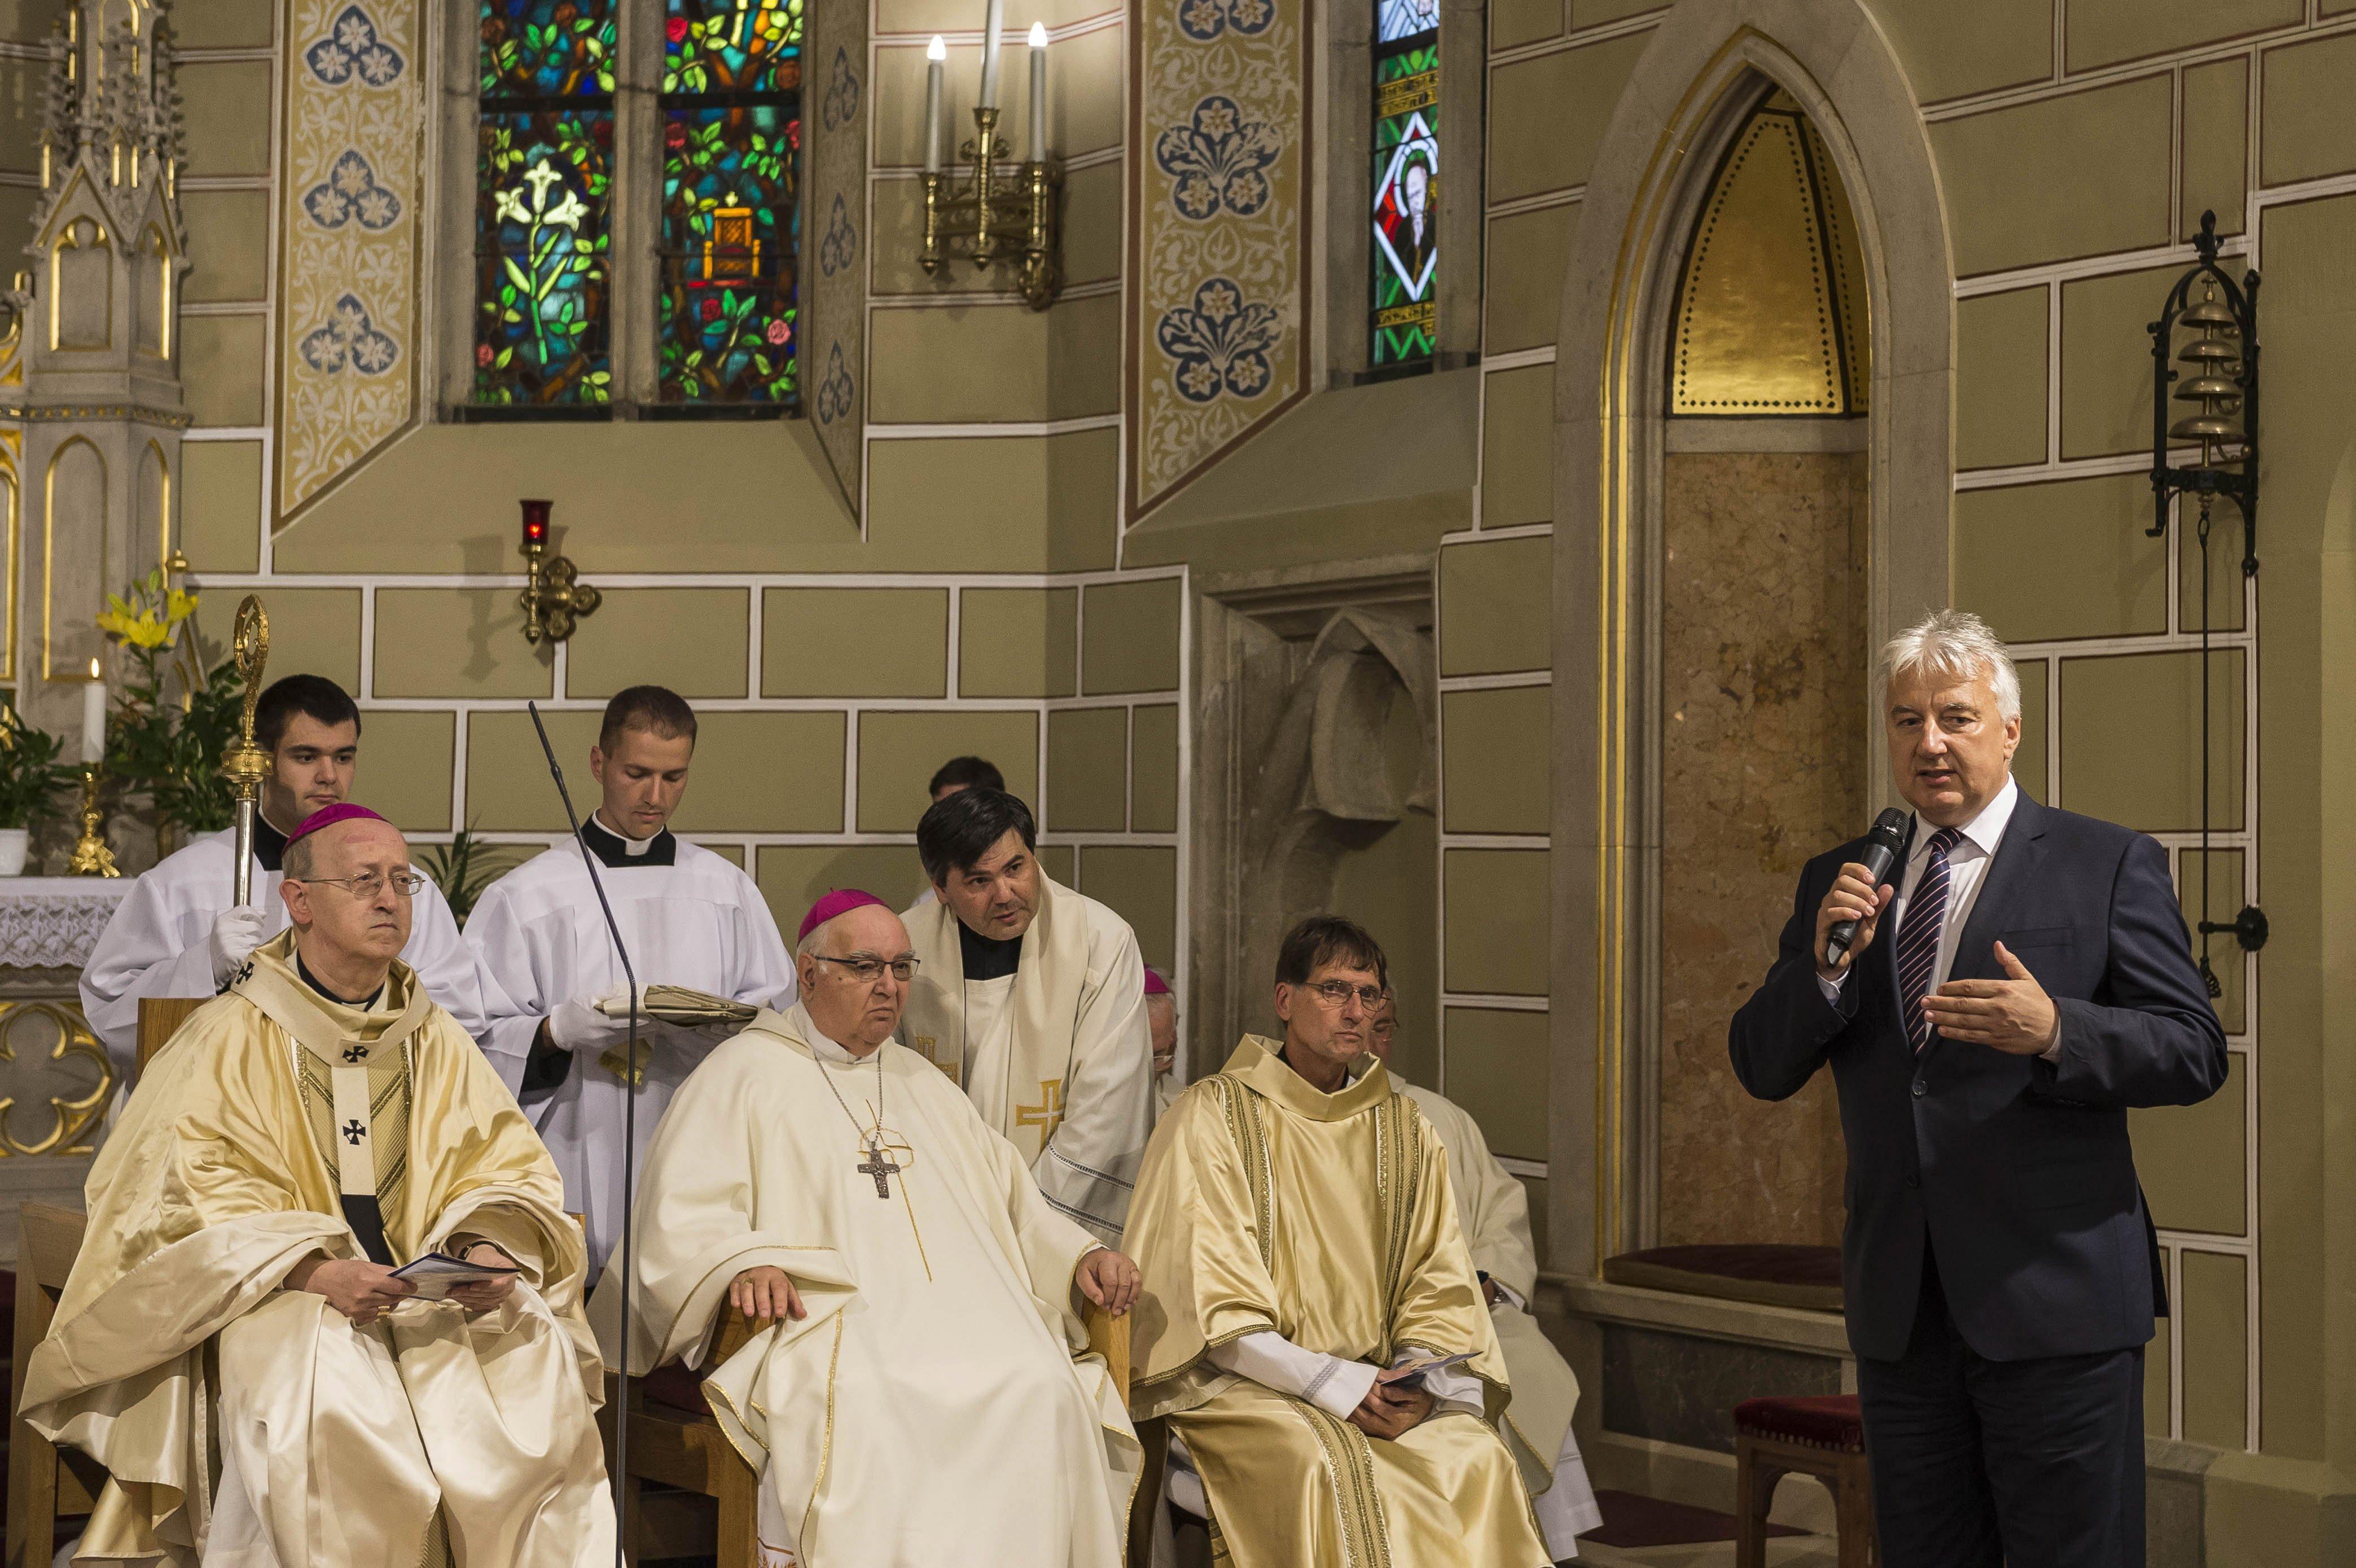 Szombattól újra tartanak nyilvános miséket a katolikus templomokban